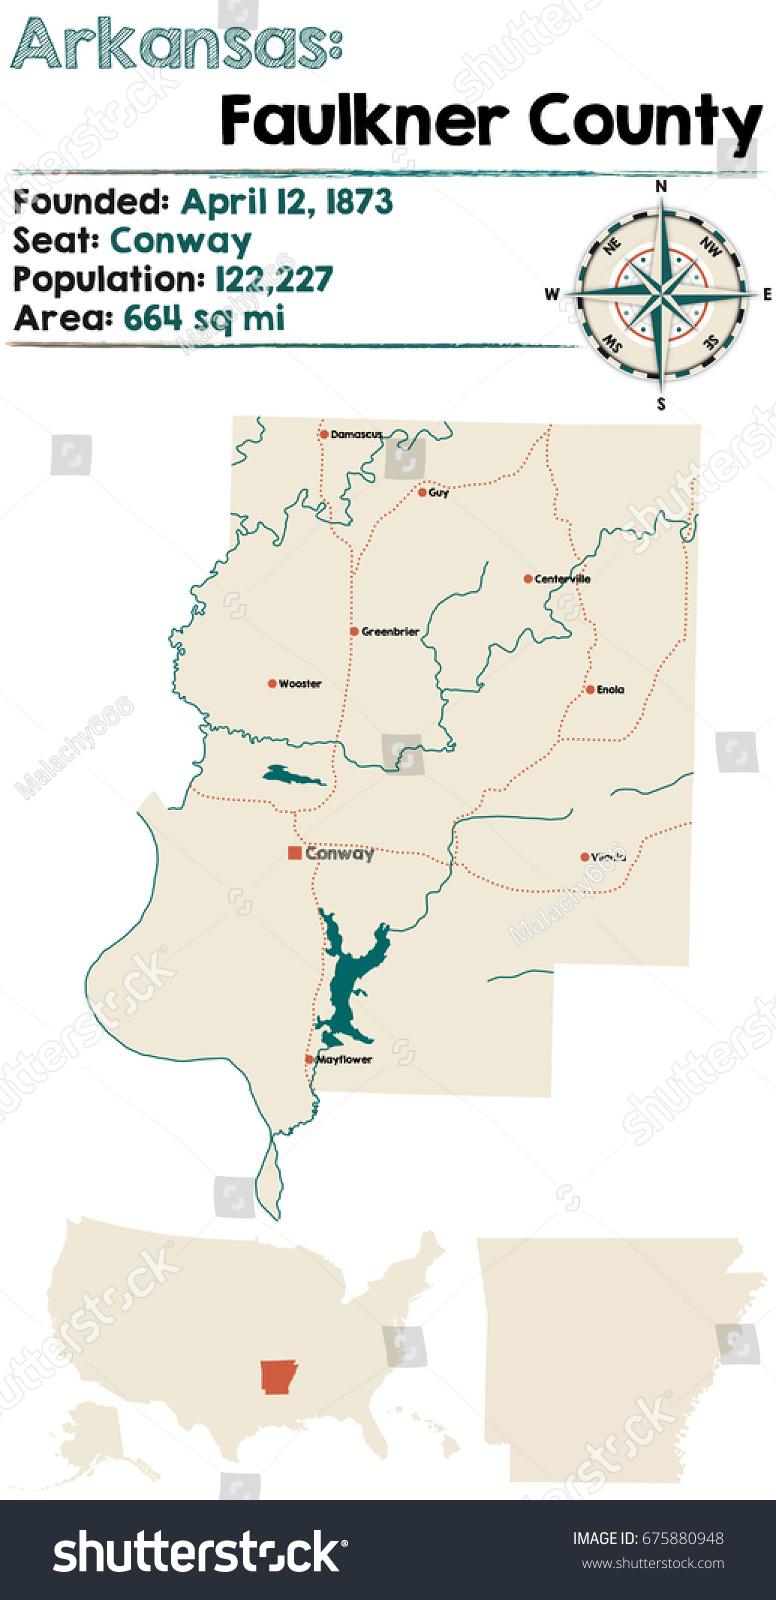 map of faulkner county arkansas Large Detailed Map Faulkner County Arkansas Stock Vector Royalty map of faulkner county arkansas